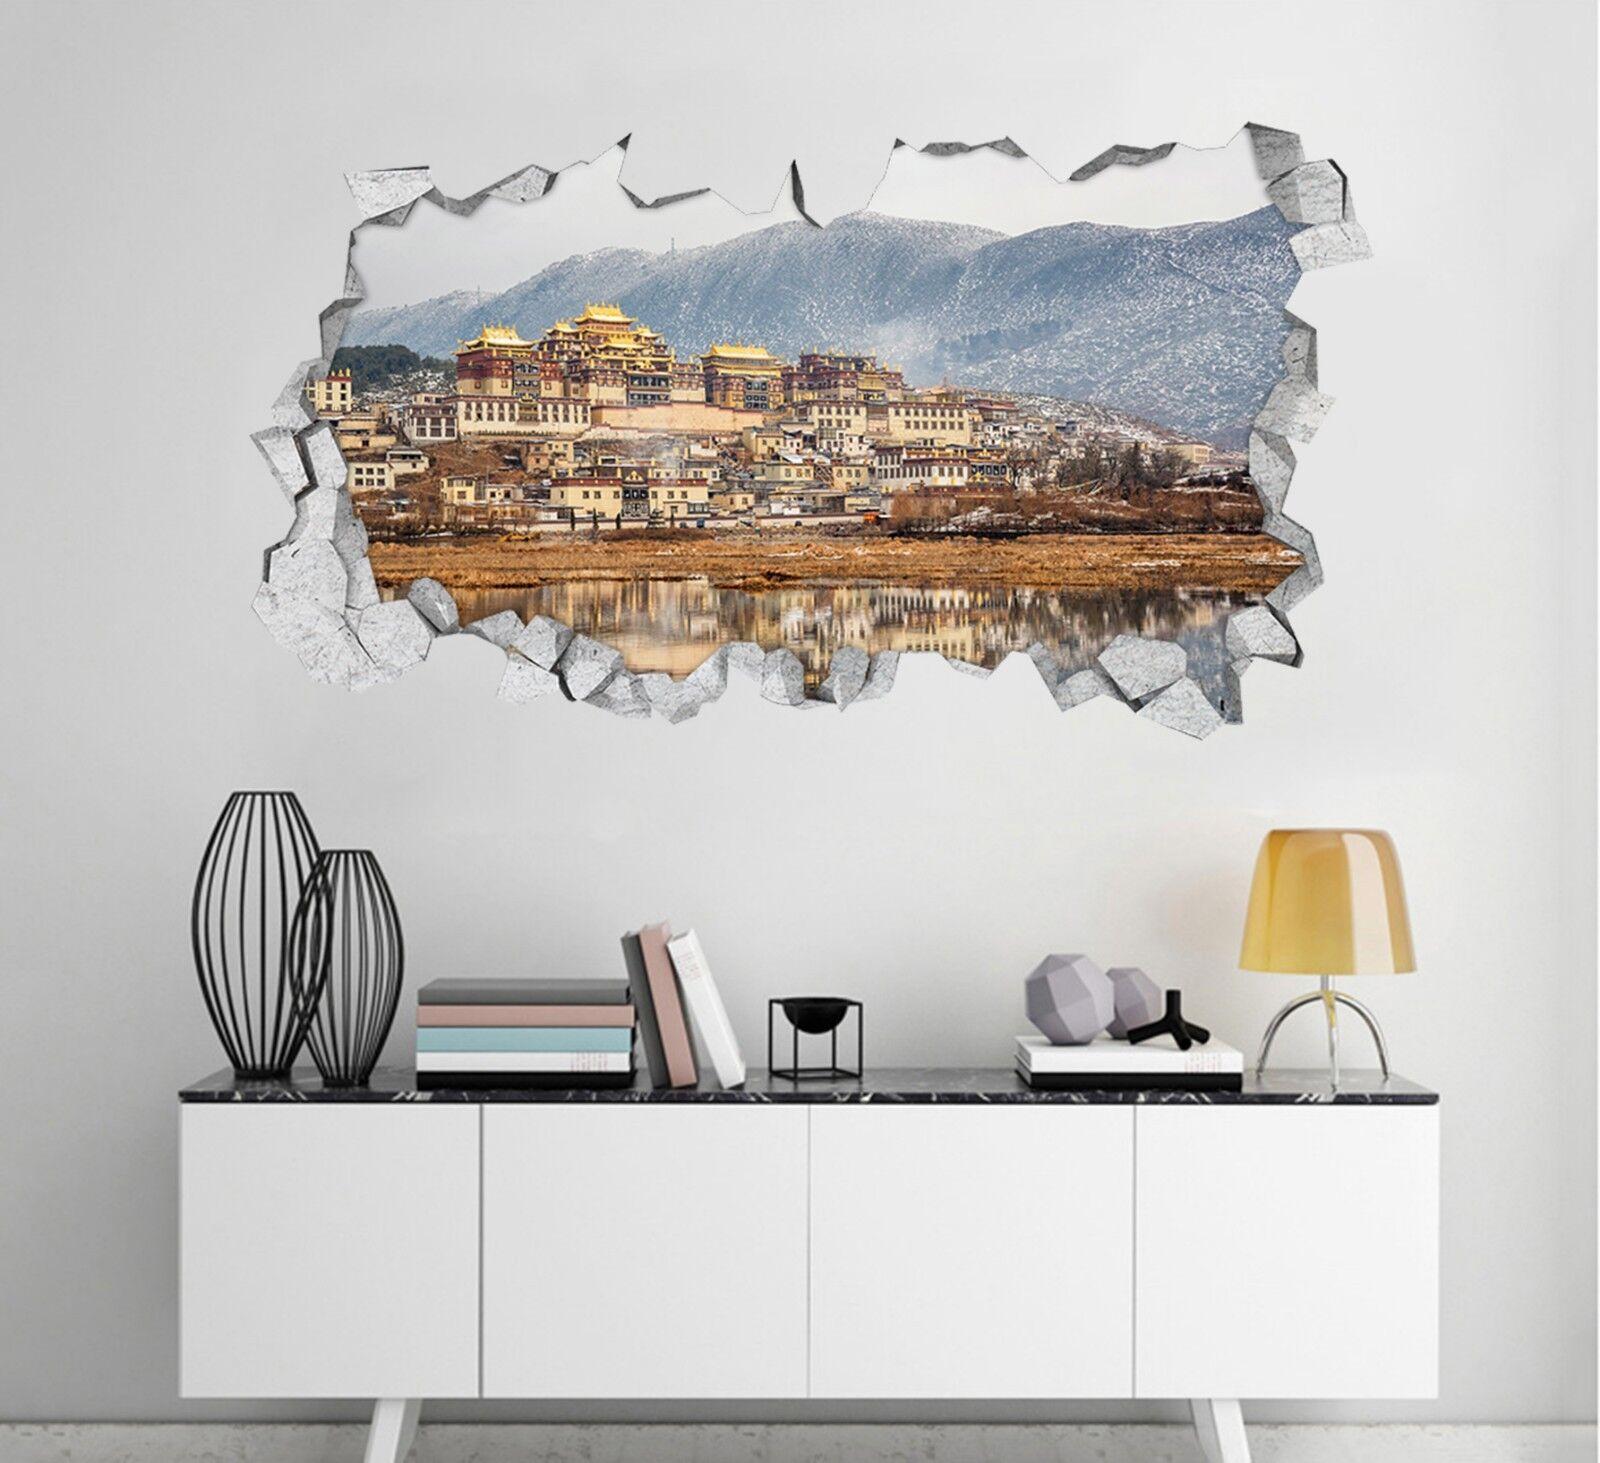 3D Alte Stadt 138 Mauer Murals Mauer Aufklebe Decal Durchbruch AJ WALLPAPER DE